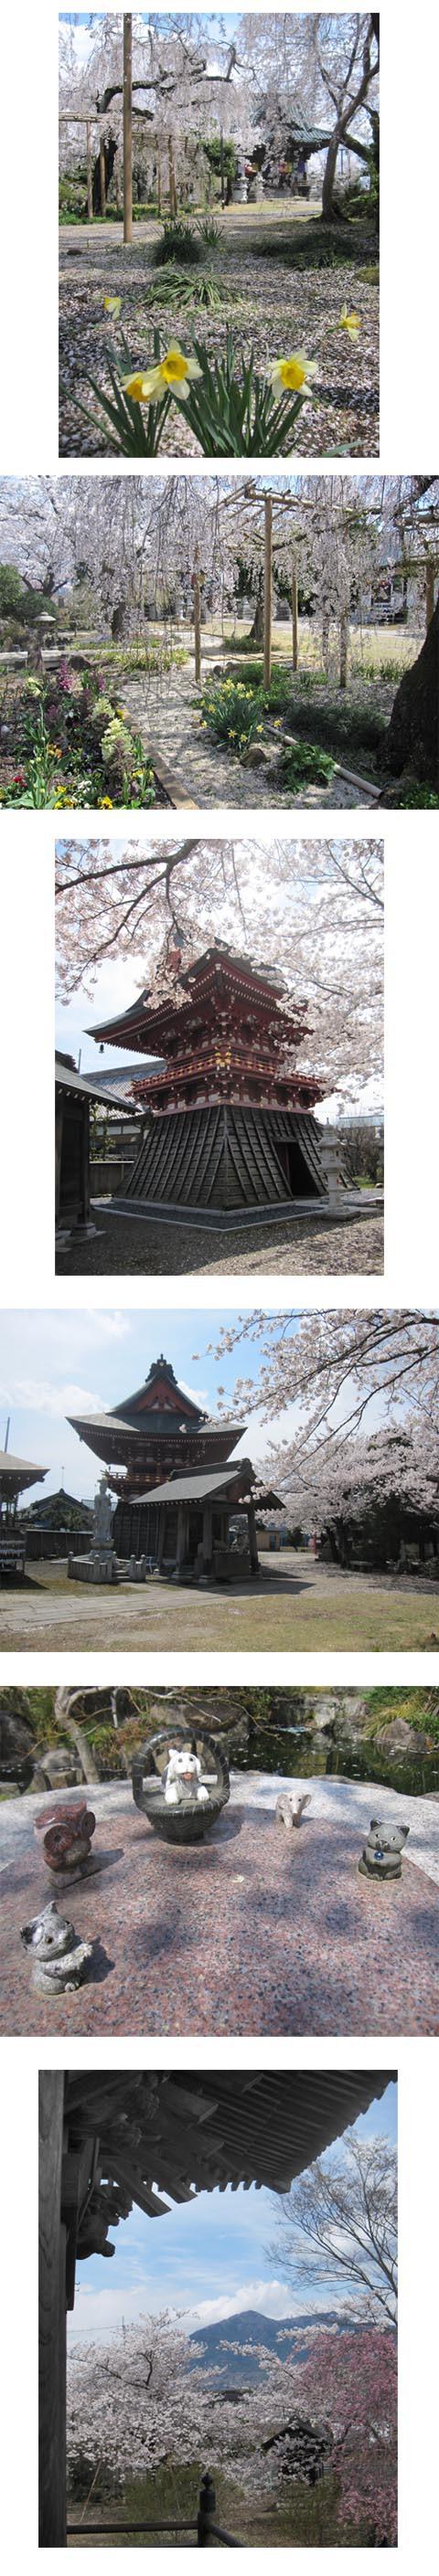 泉子育て観音の桜